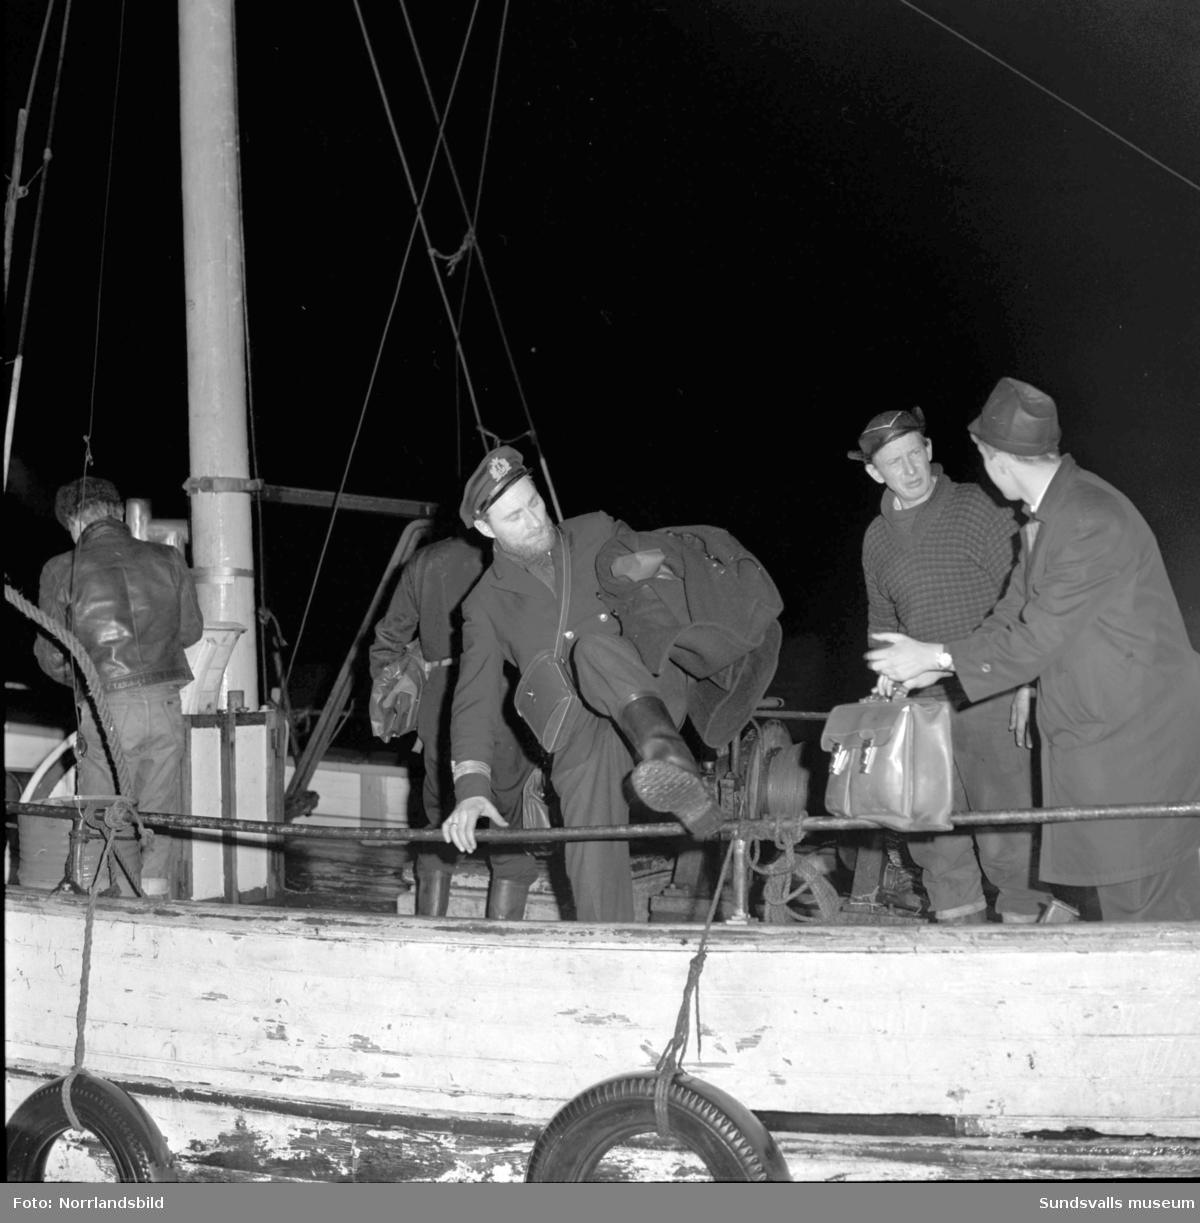 Norska oljetankern Gogstad som strandade vid Bremö kalv den 1 december 1964. Besättningen lämnar fartyget ett par dagar innan det bryts itu i en sydlig storm.